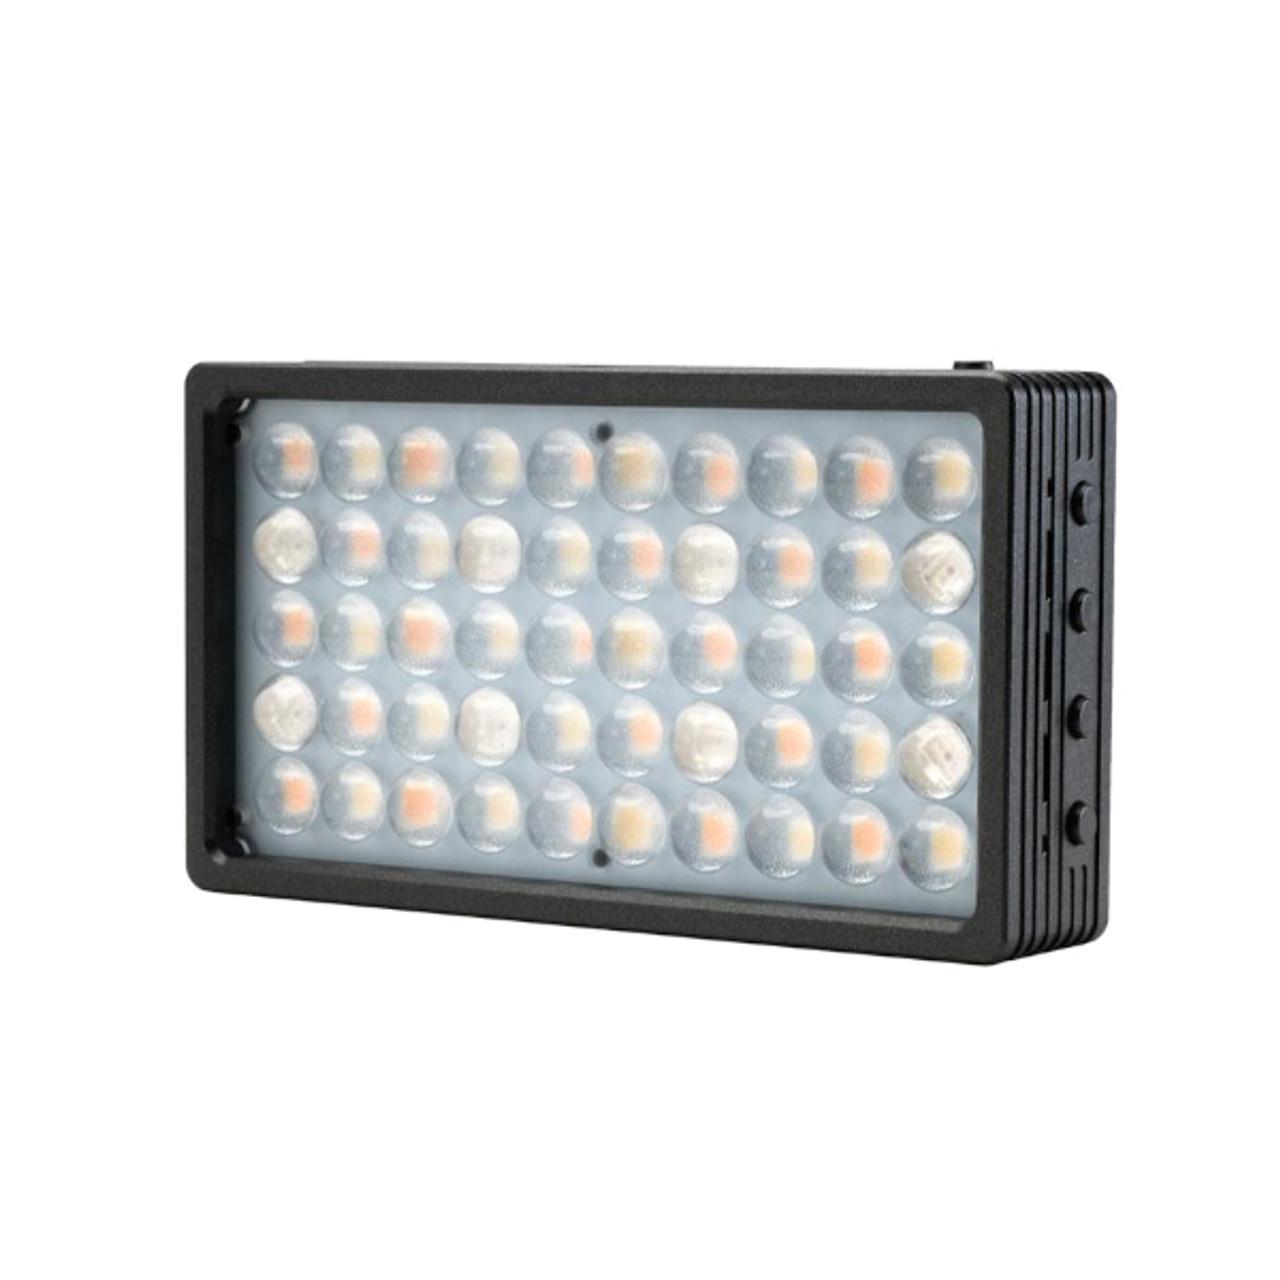 Nanlite LitoLite 5C RGBWW Mini LED Panel